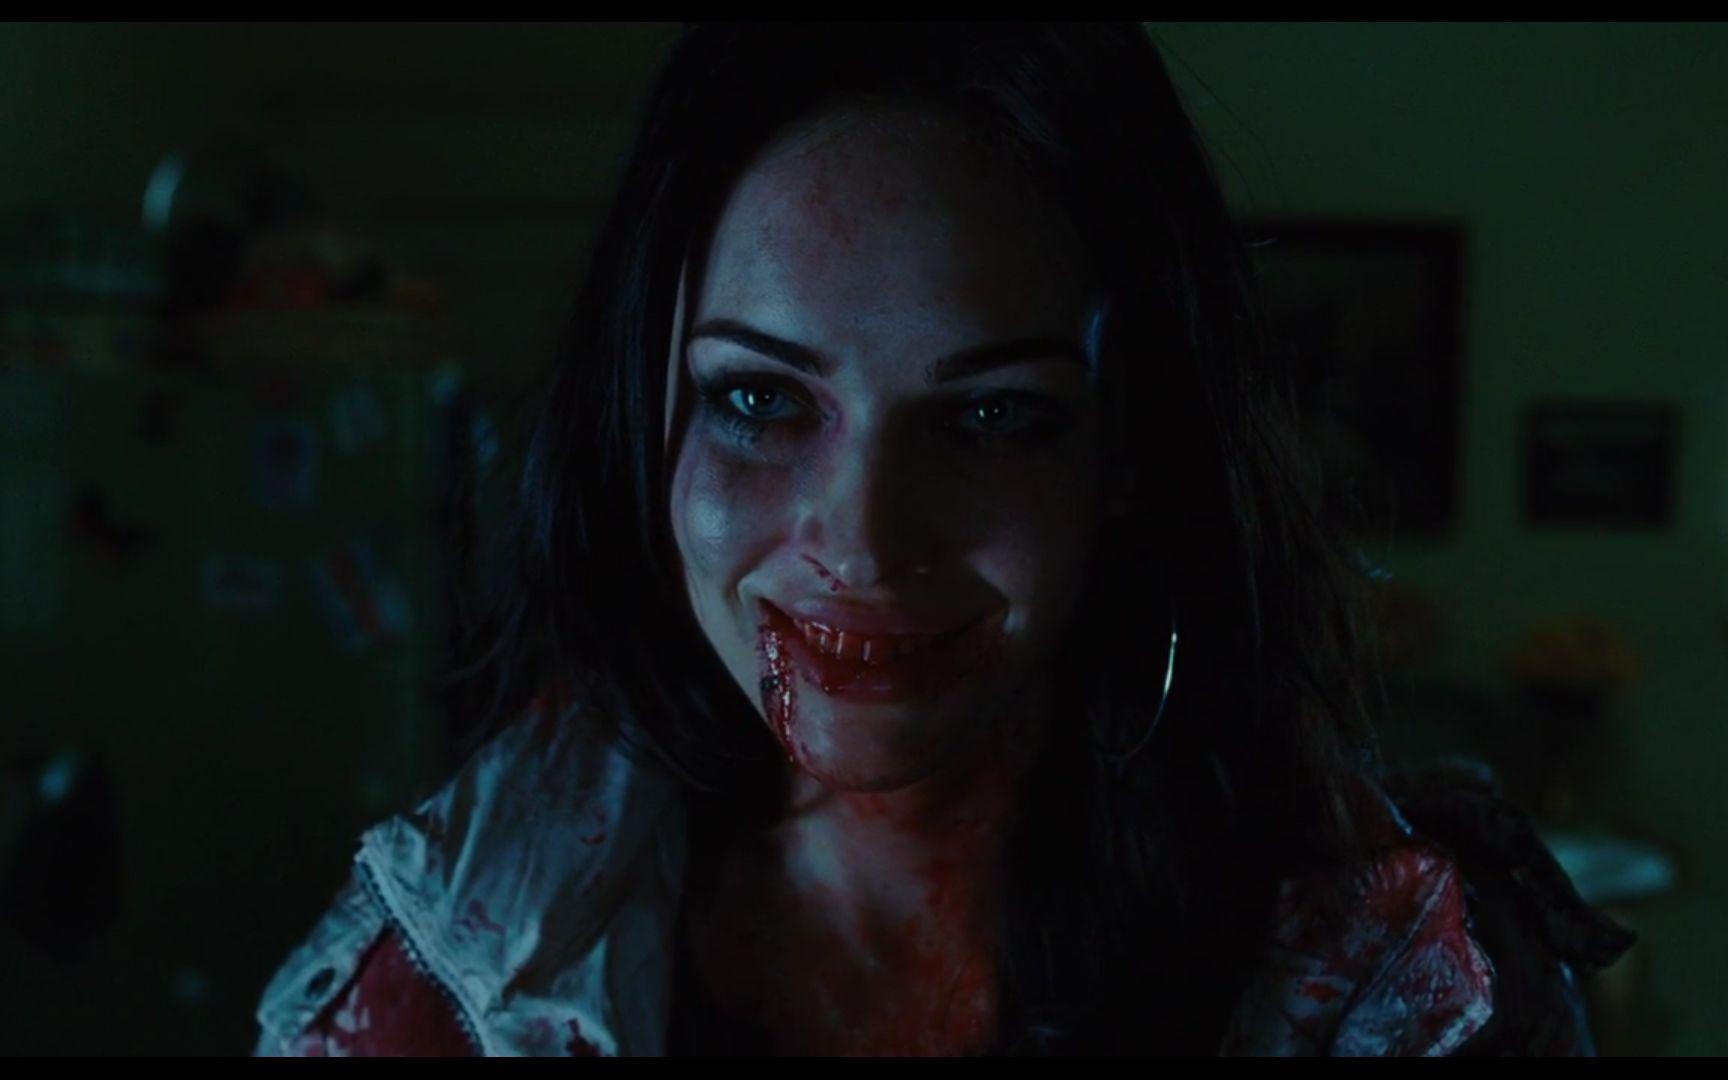 梅根福克斯离开《变形金刚》后,居然化身吃人恶魔